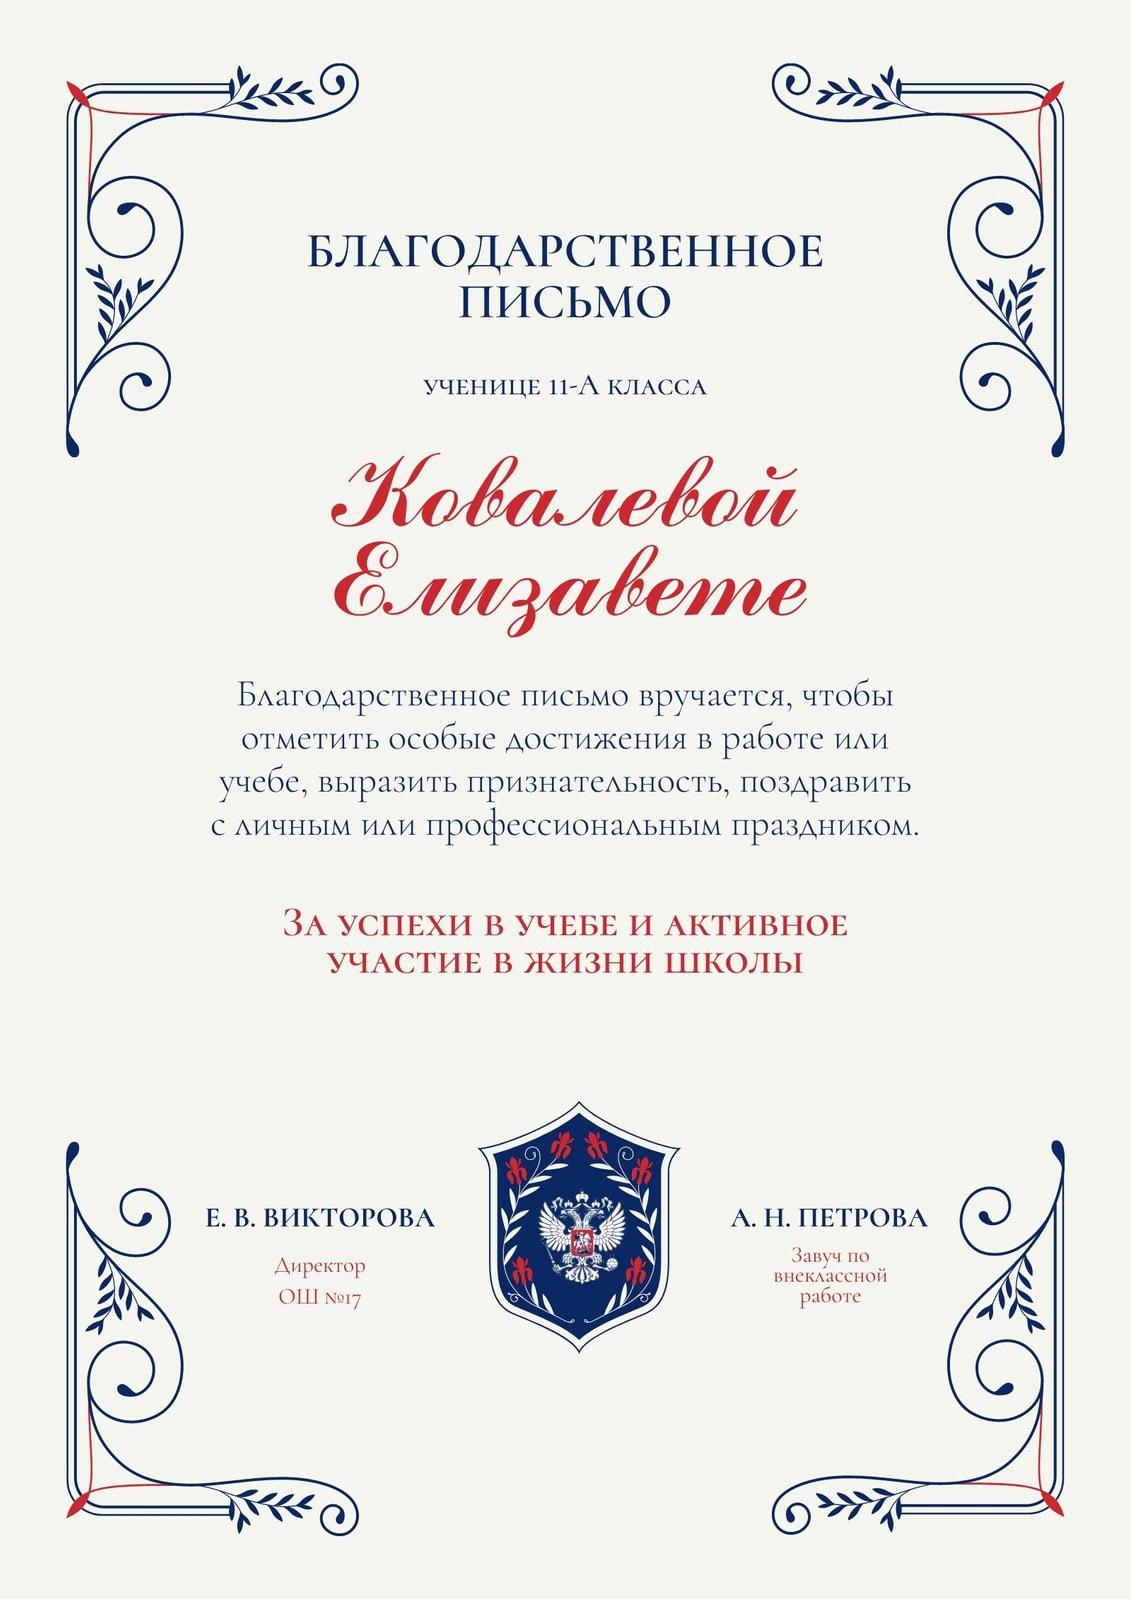 Серое формальное благодарственное письмо с гербом и синей контурной рамкой